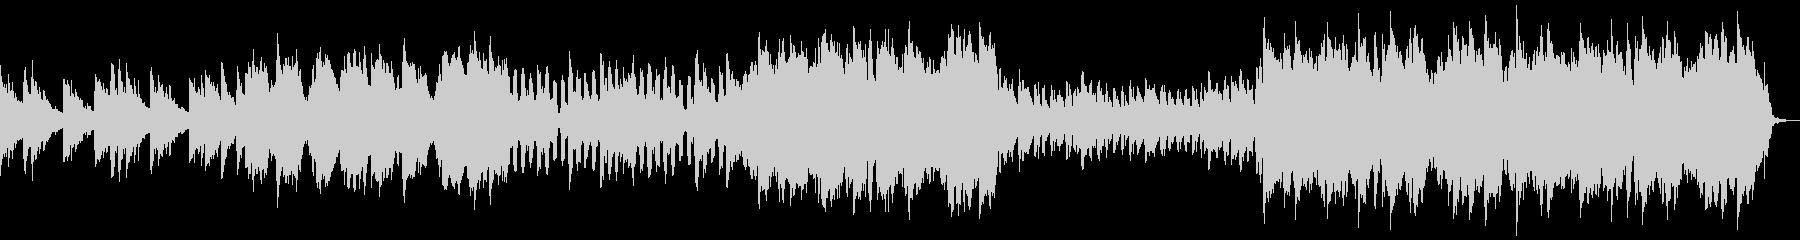 ゆったりとした日常系BGMの未再生の波形